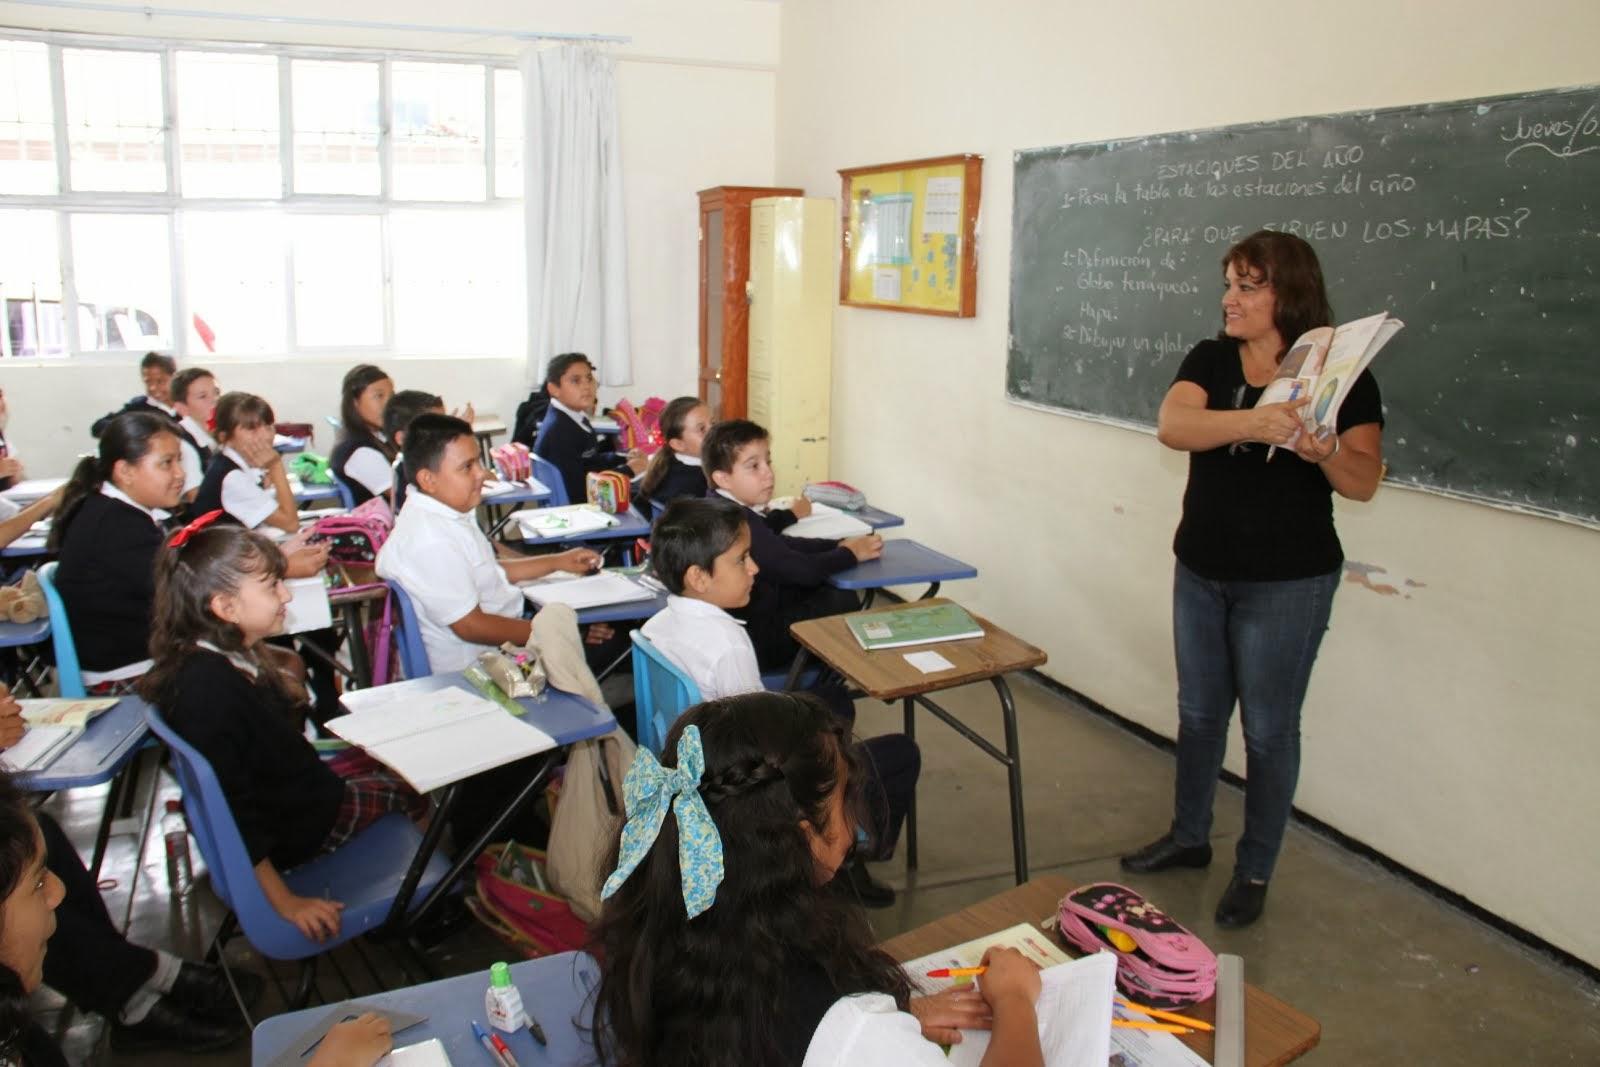 Incremento salarial a maestros se retardará dos quincenas: Yunes